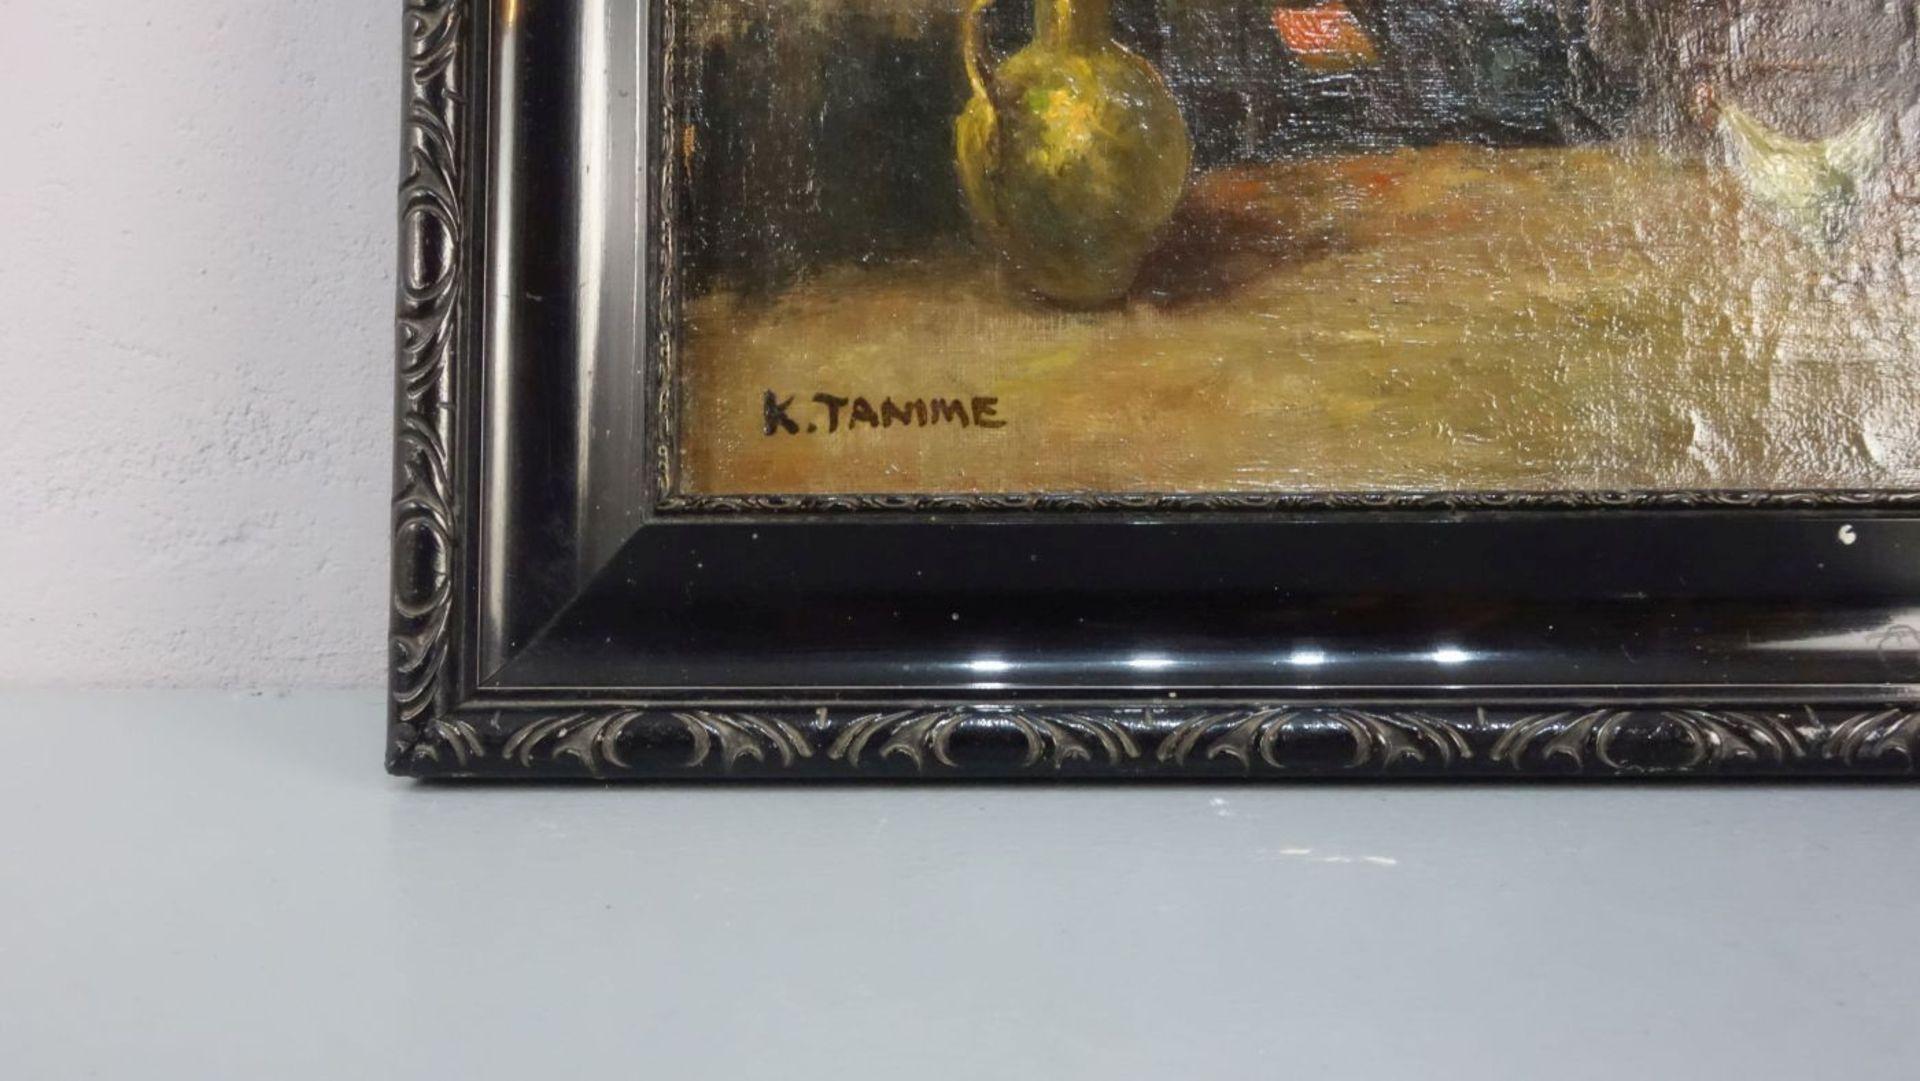 """K. TAMME - GEMÄLDE: """"INTERIEUR MIT BÄUERLICHER STUBE"""" - Image 2 of 3"""